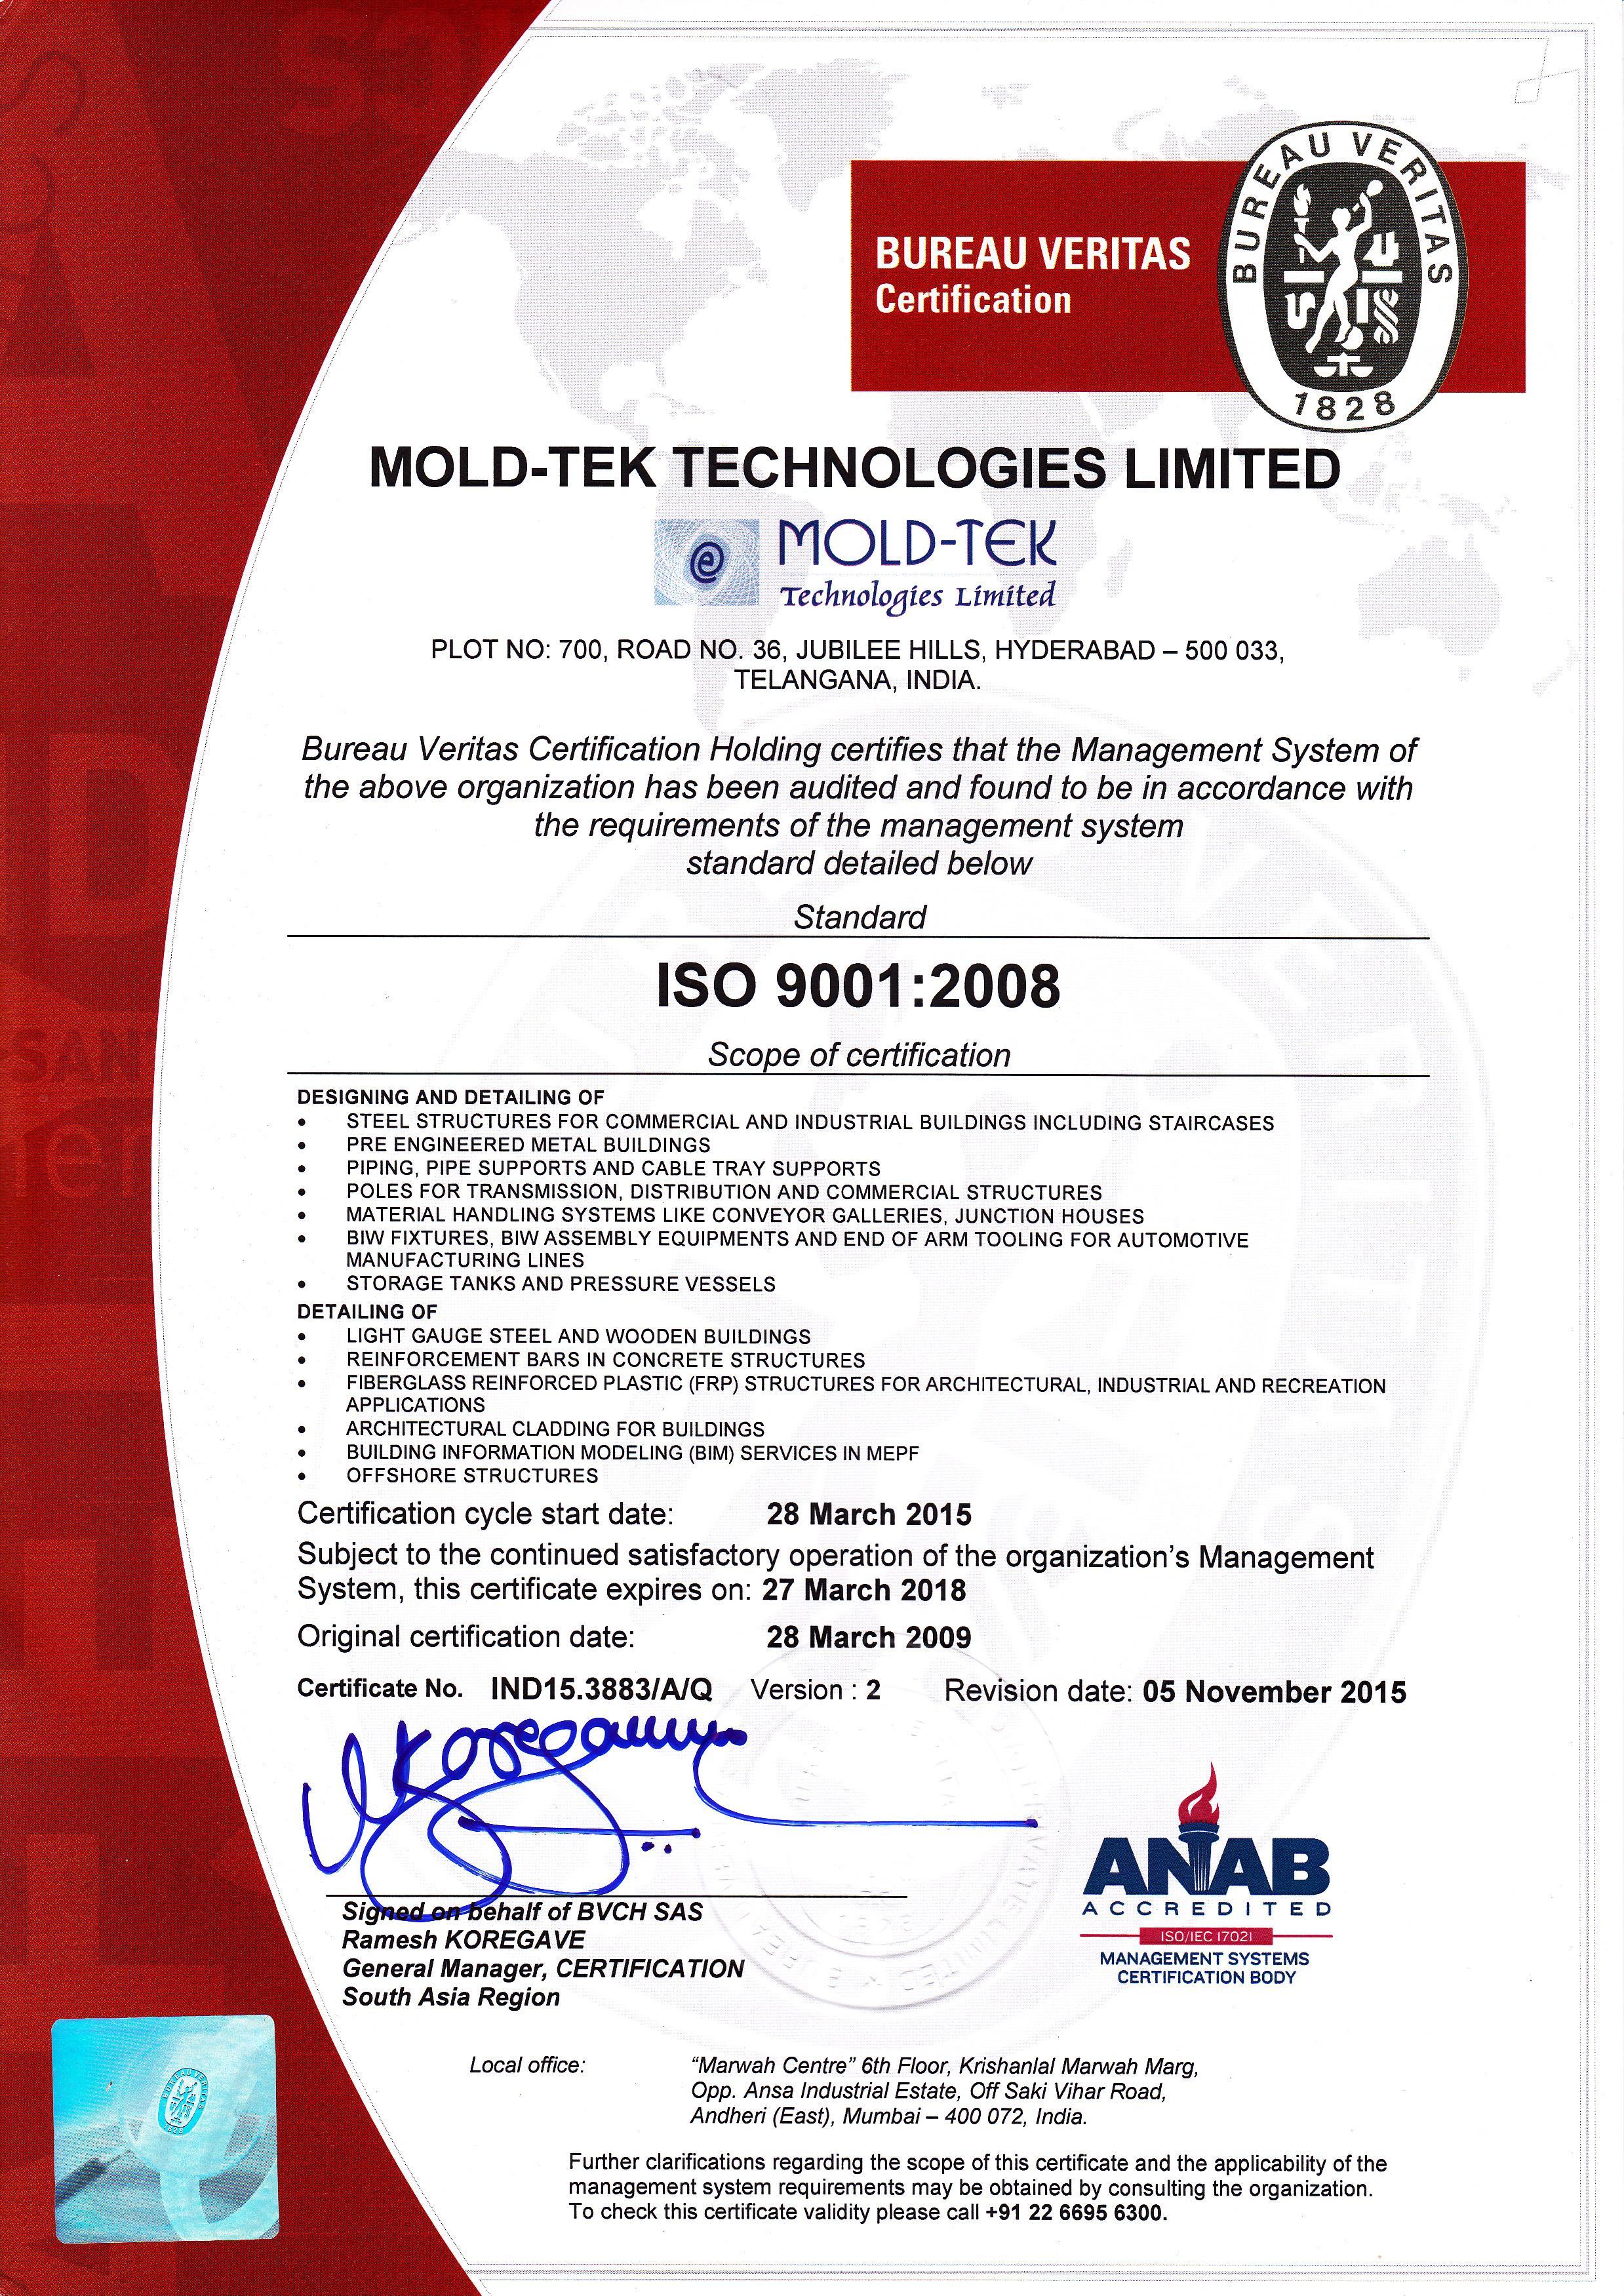 Mold-Tek Group